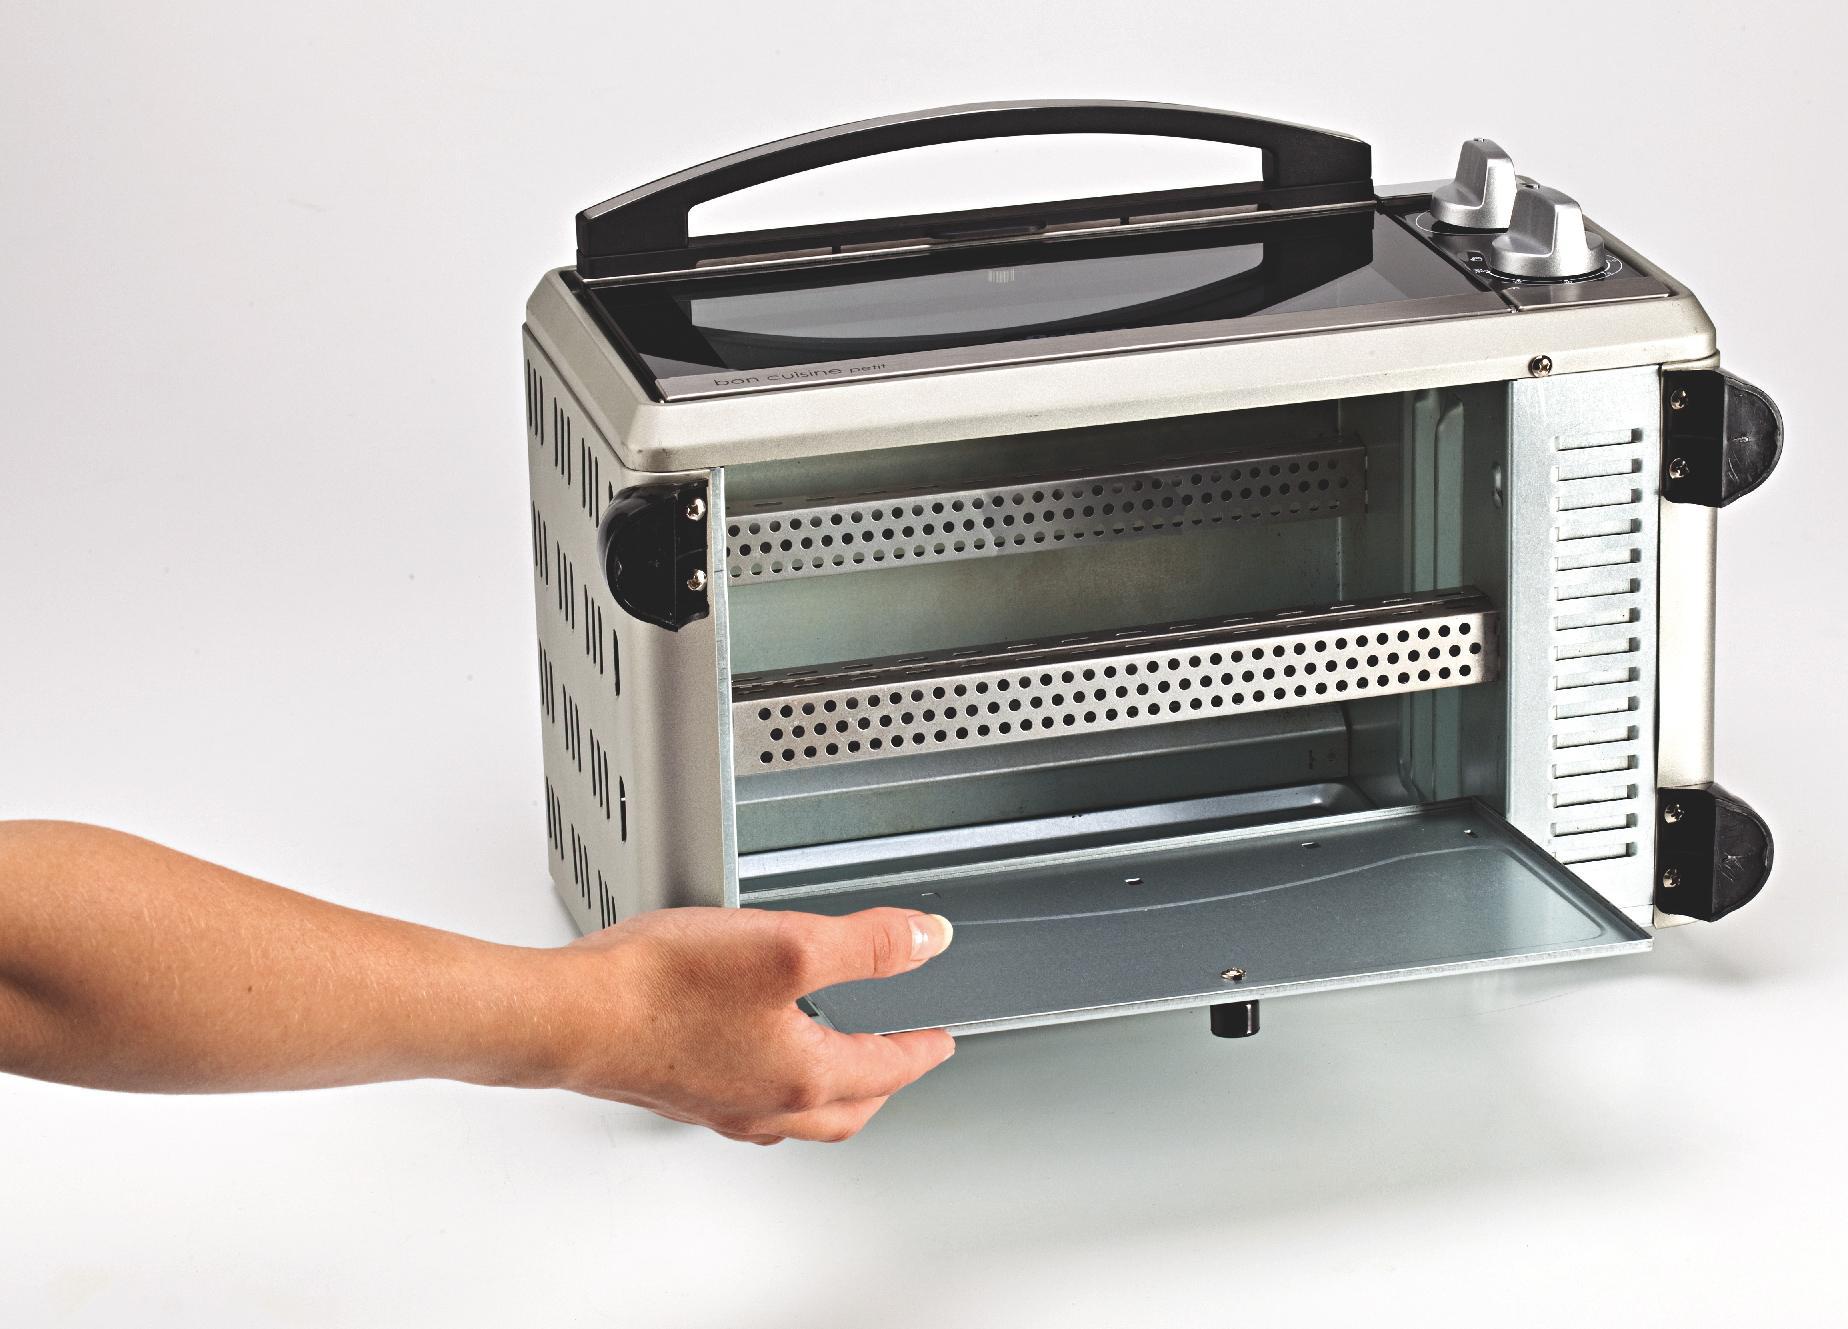 Bon cuisine petit ariete piccoli elettrodomestici for Ariete bon cuisine 520